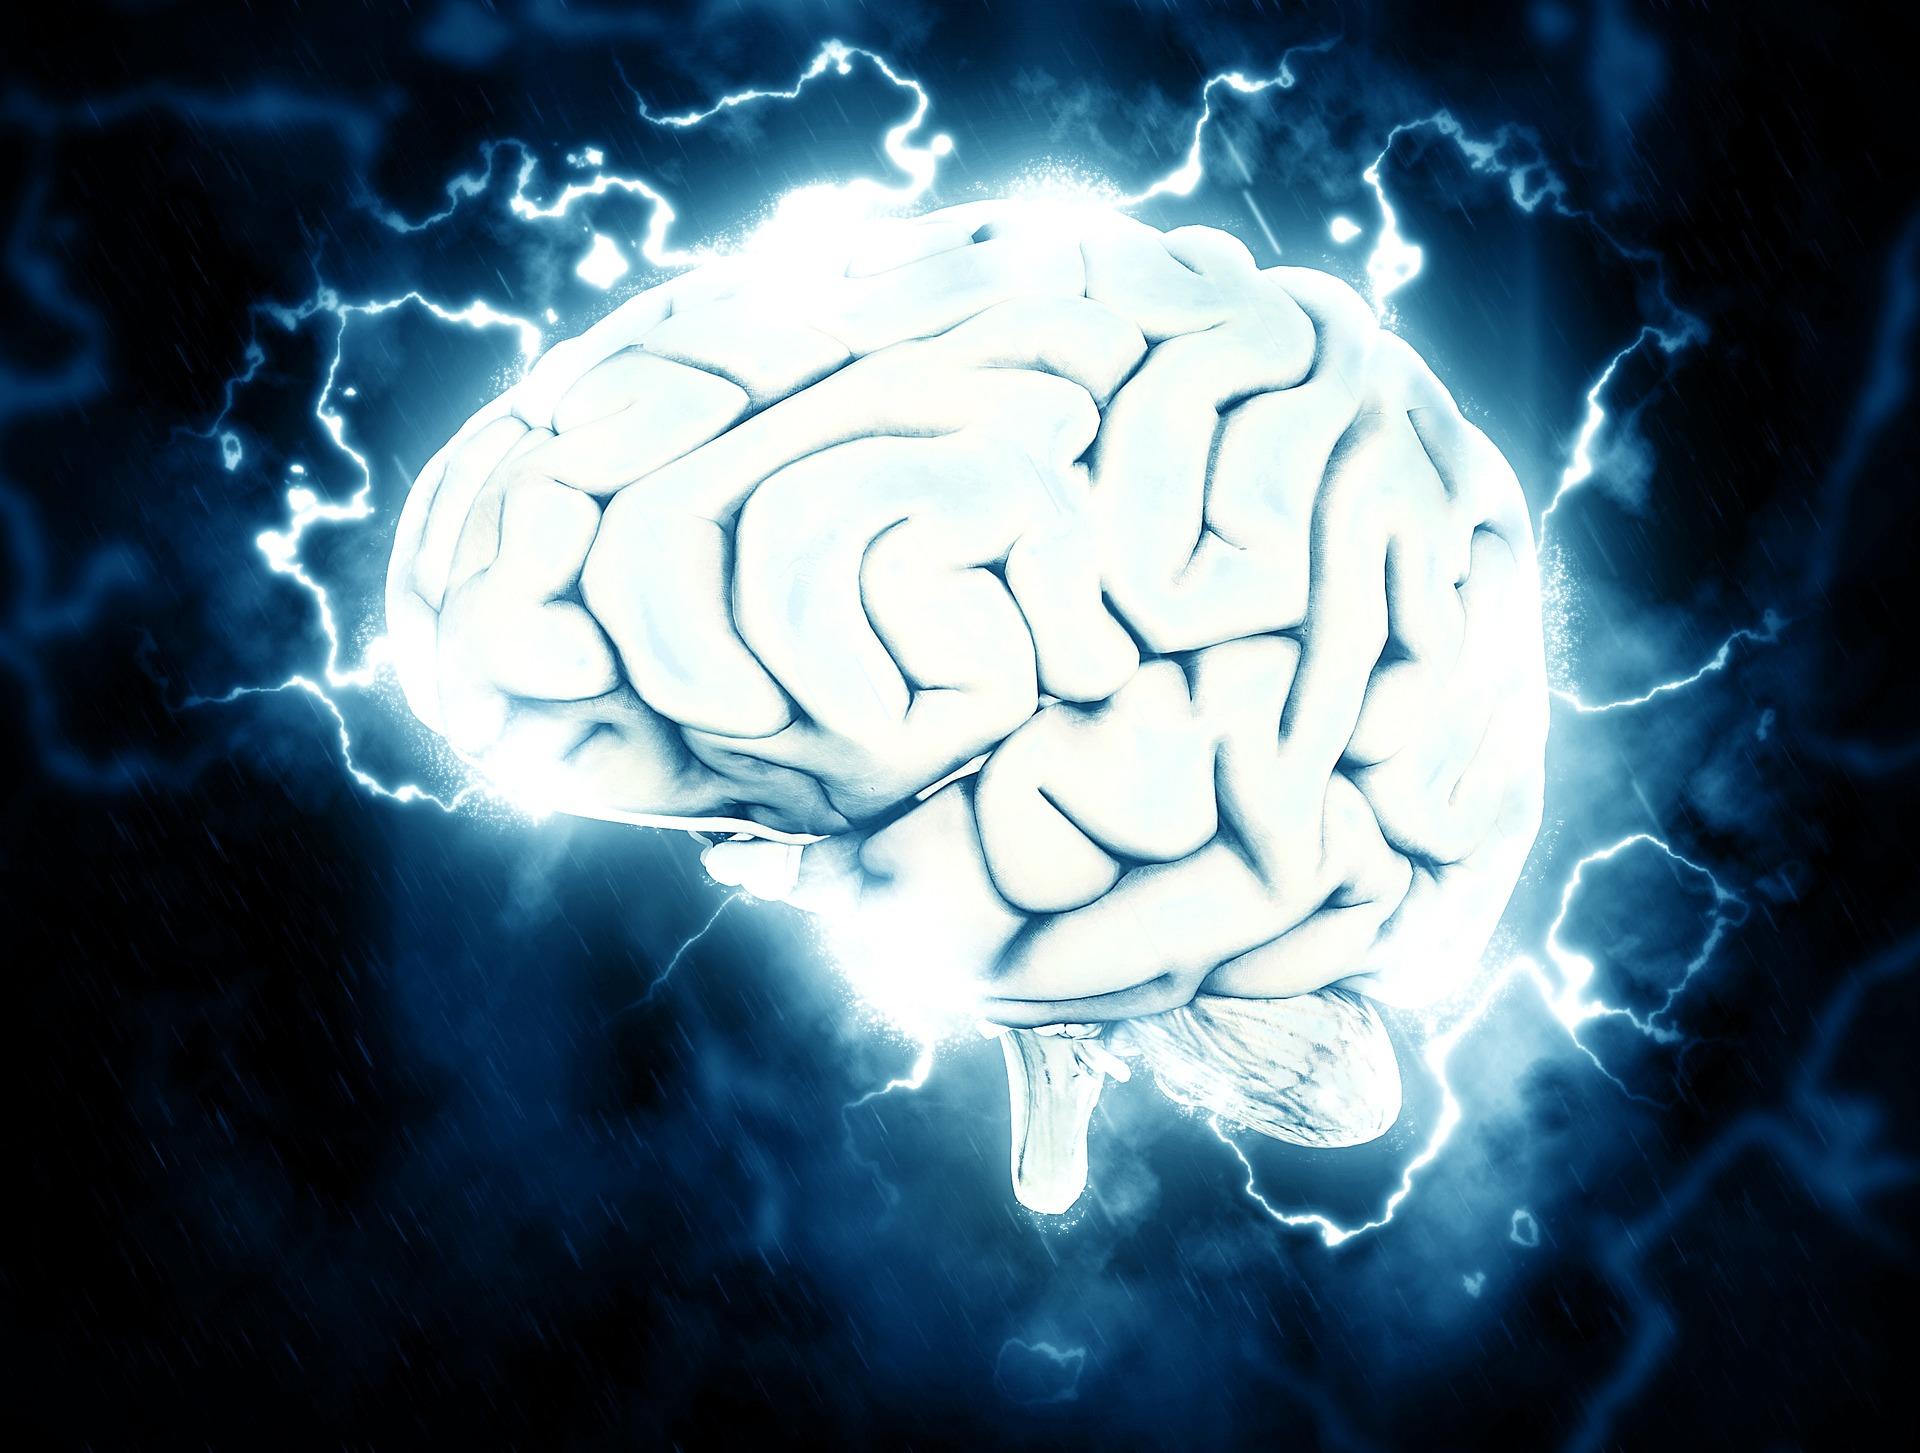 Come risolvere l'ansia e gli attacchi di panico?